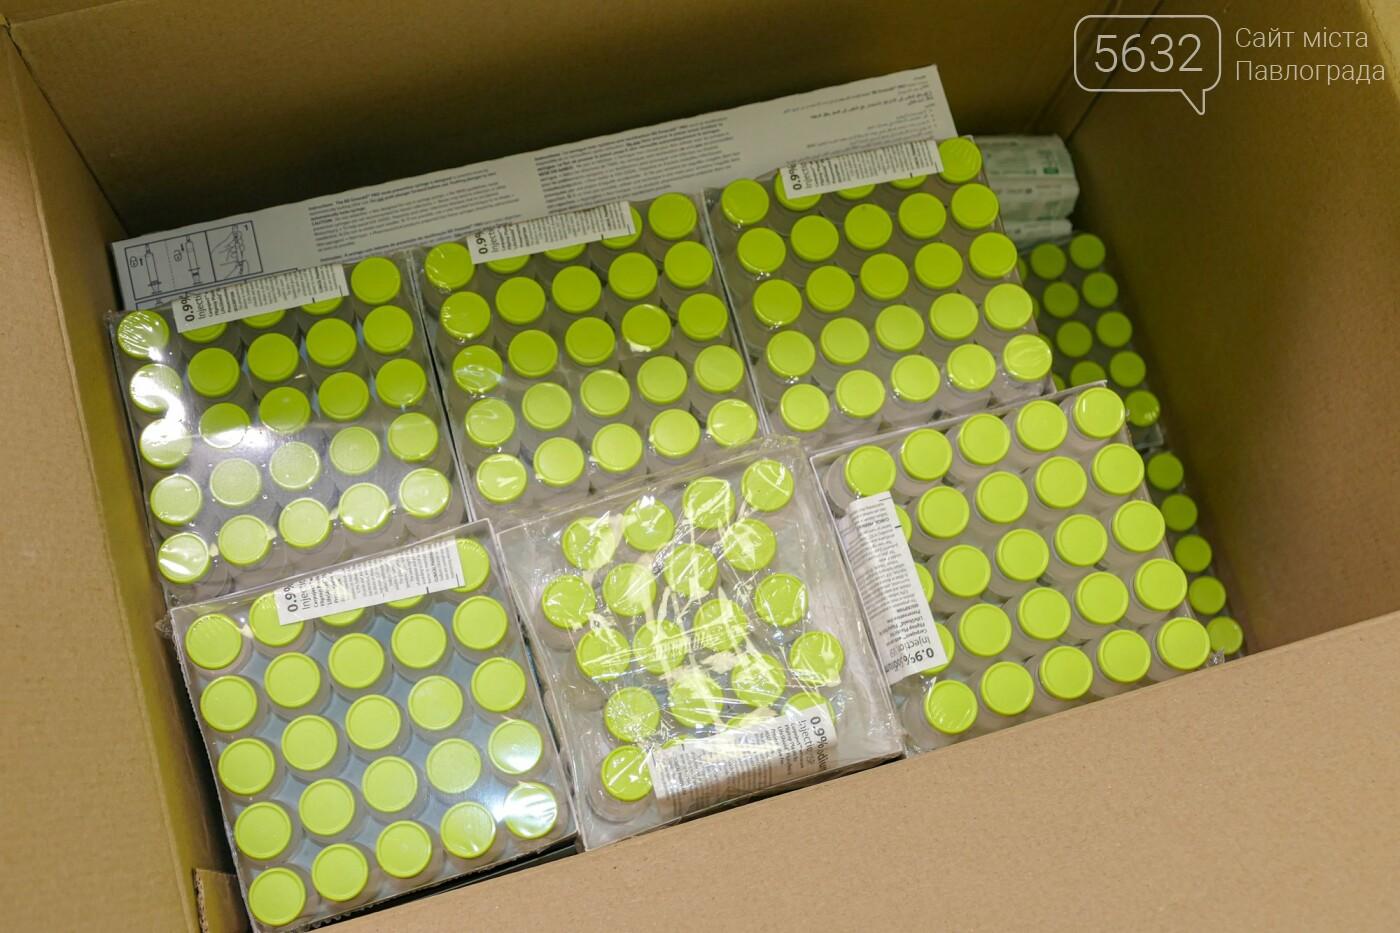 Днепропетровщина получила первые дозы вакцины от коронавируса производства Pfizer/BioNTech, фото-7